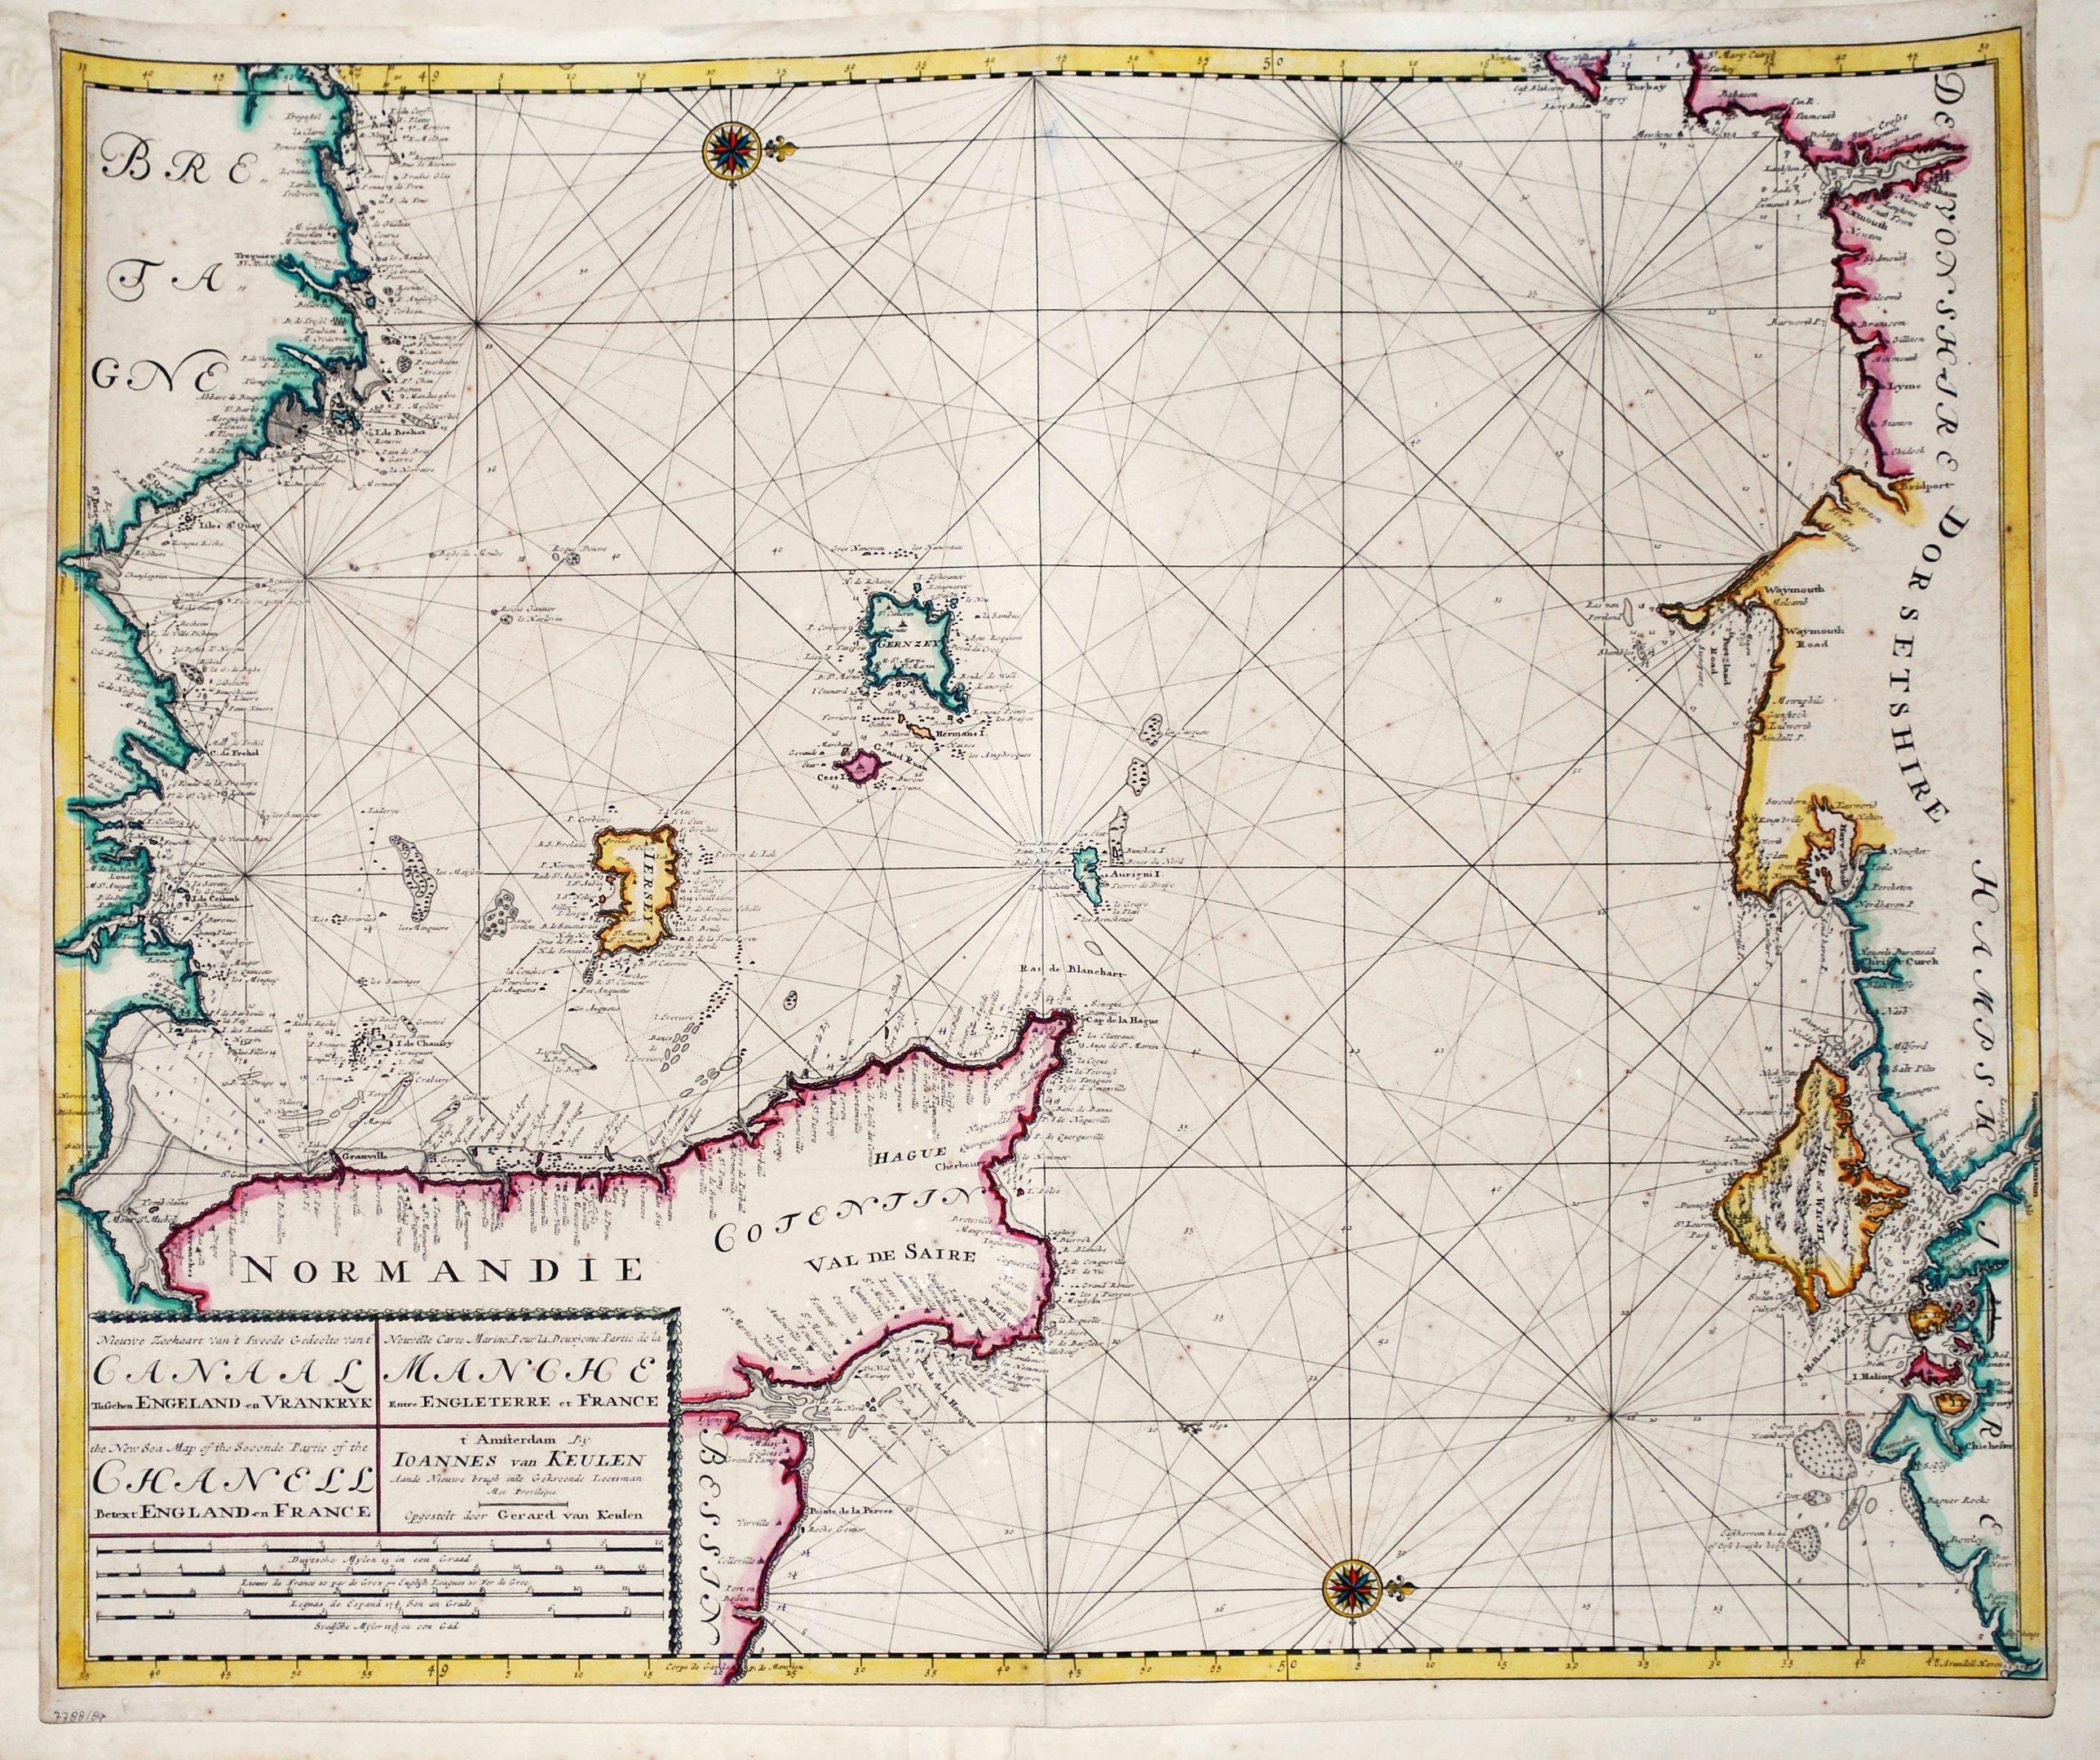 KEULEN, J. van. - Nieuwe Zeekaart van het Tweede gedeelte van het Canaal Tusschen Engeland en Vrankryk. / ...Chanell betwext England and France.